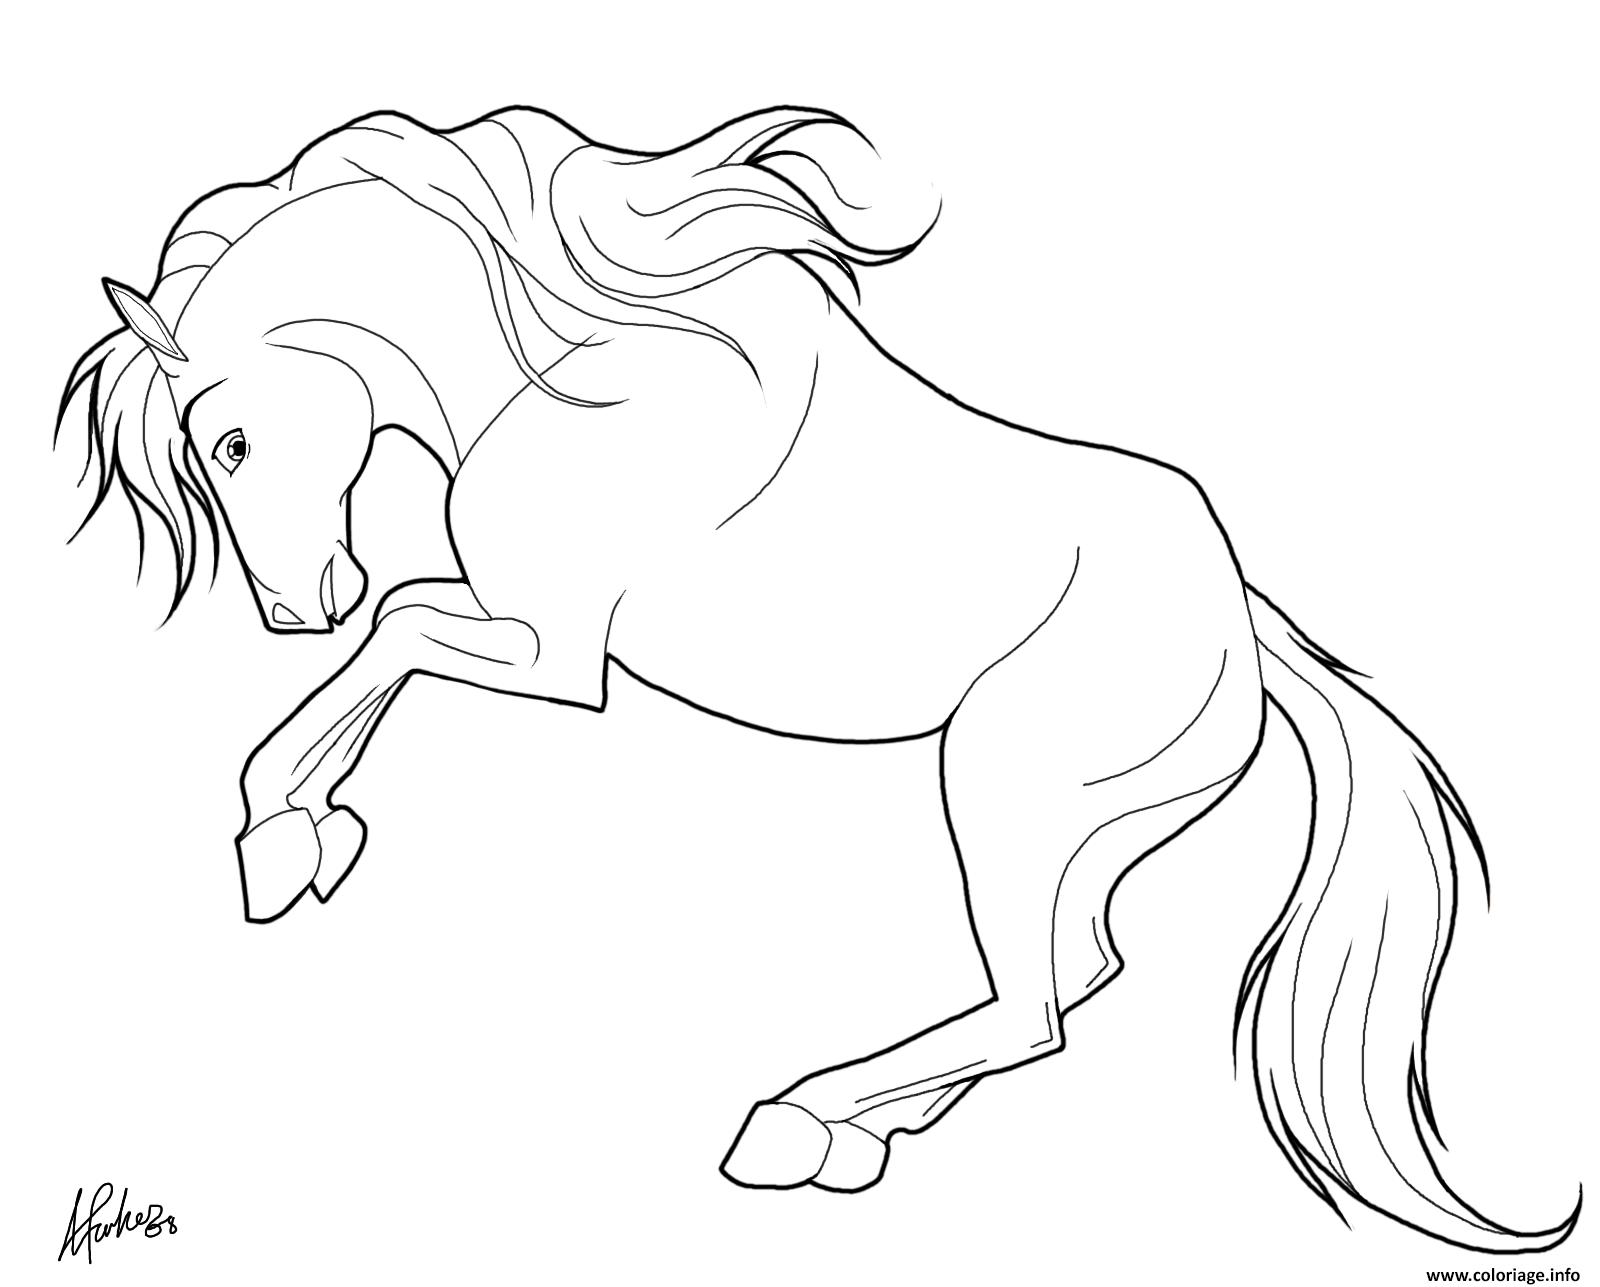 Dessin cheval qui se cabre Coloriage Gratuit à Imprimer